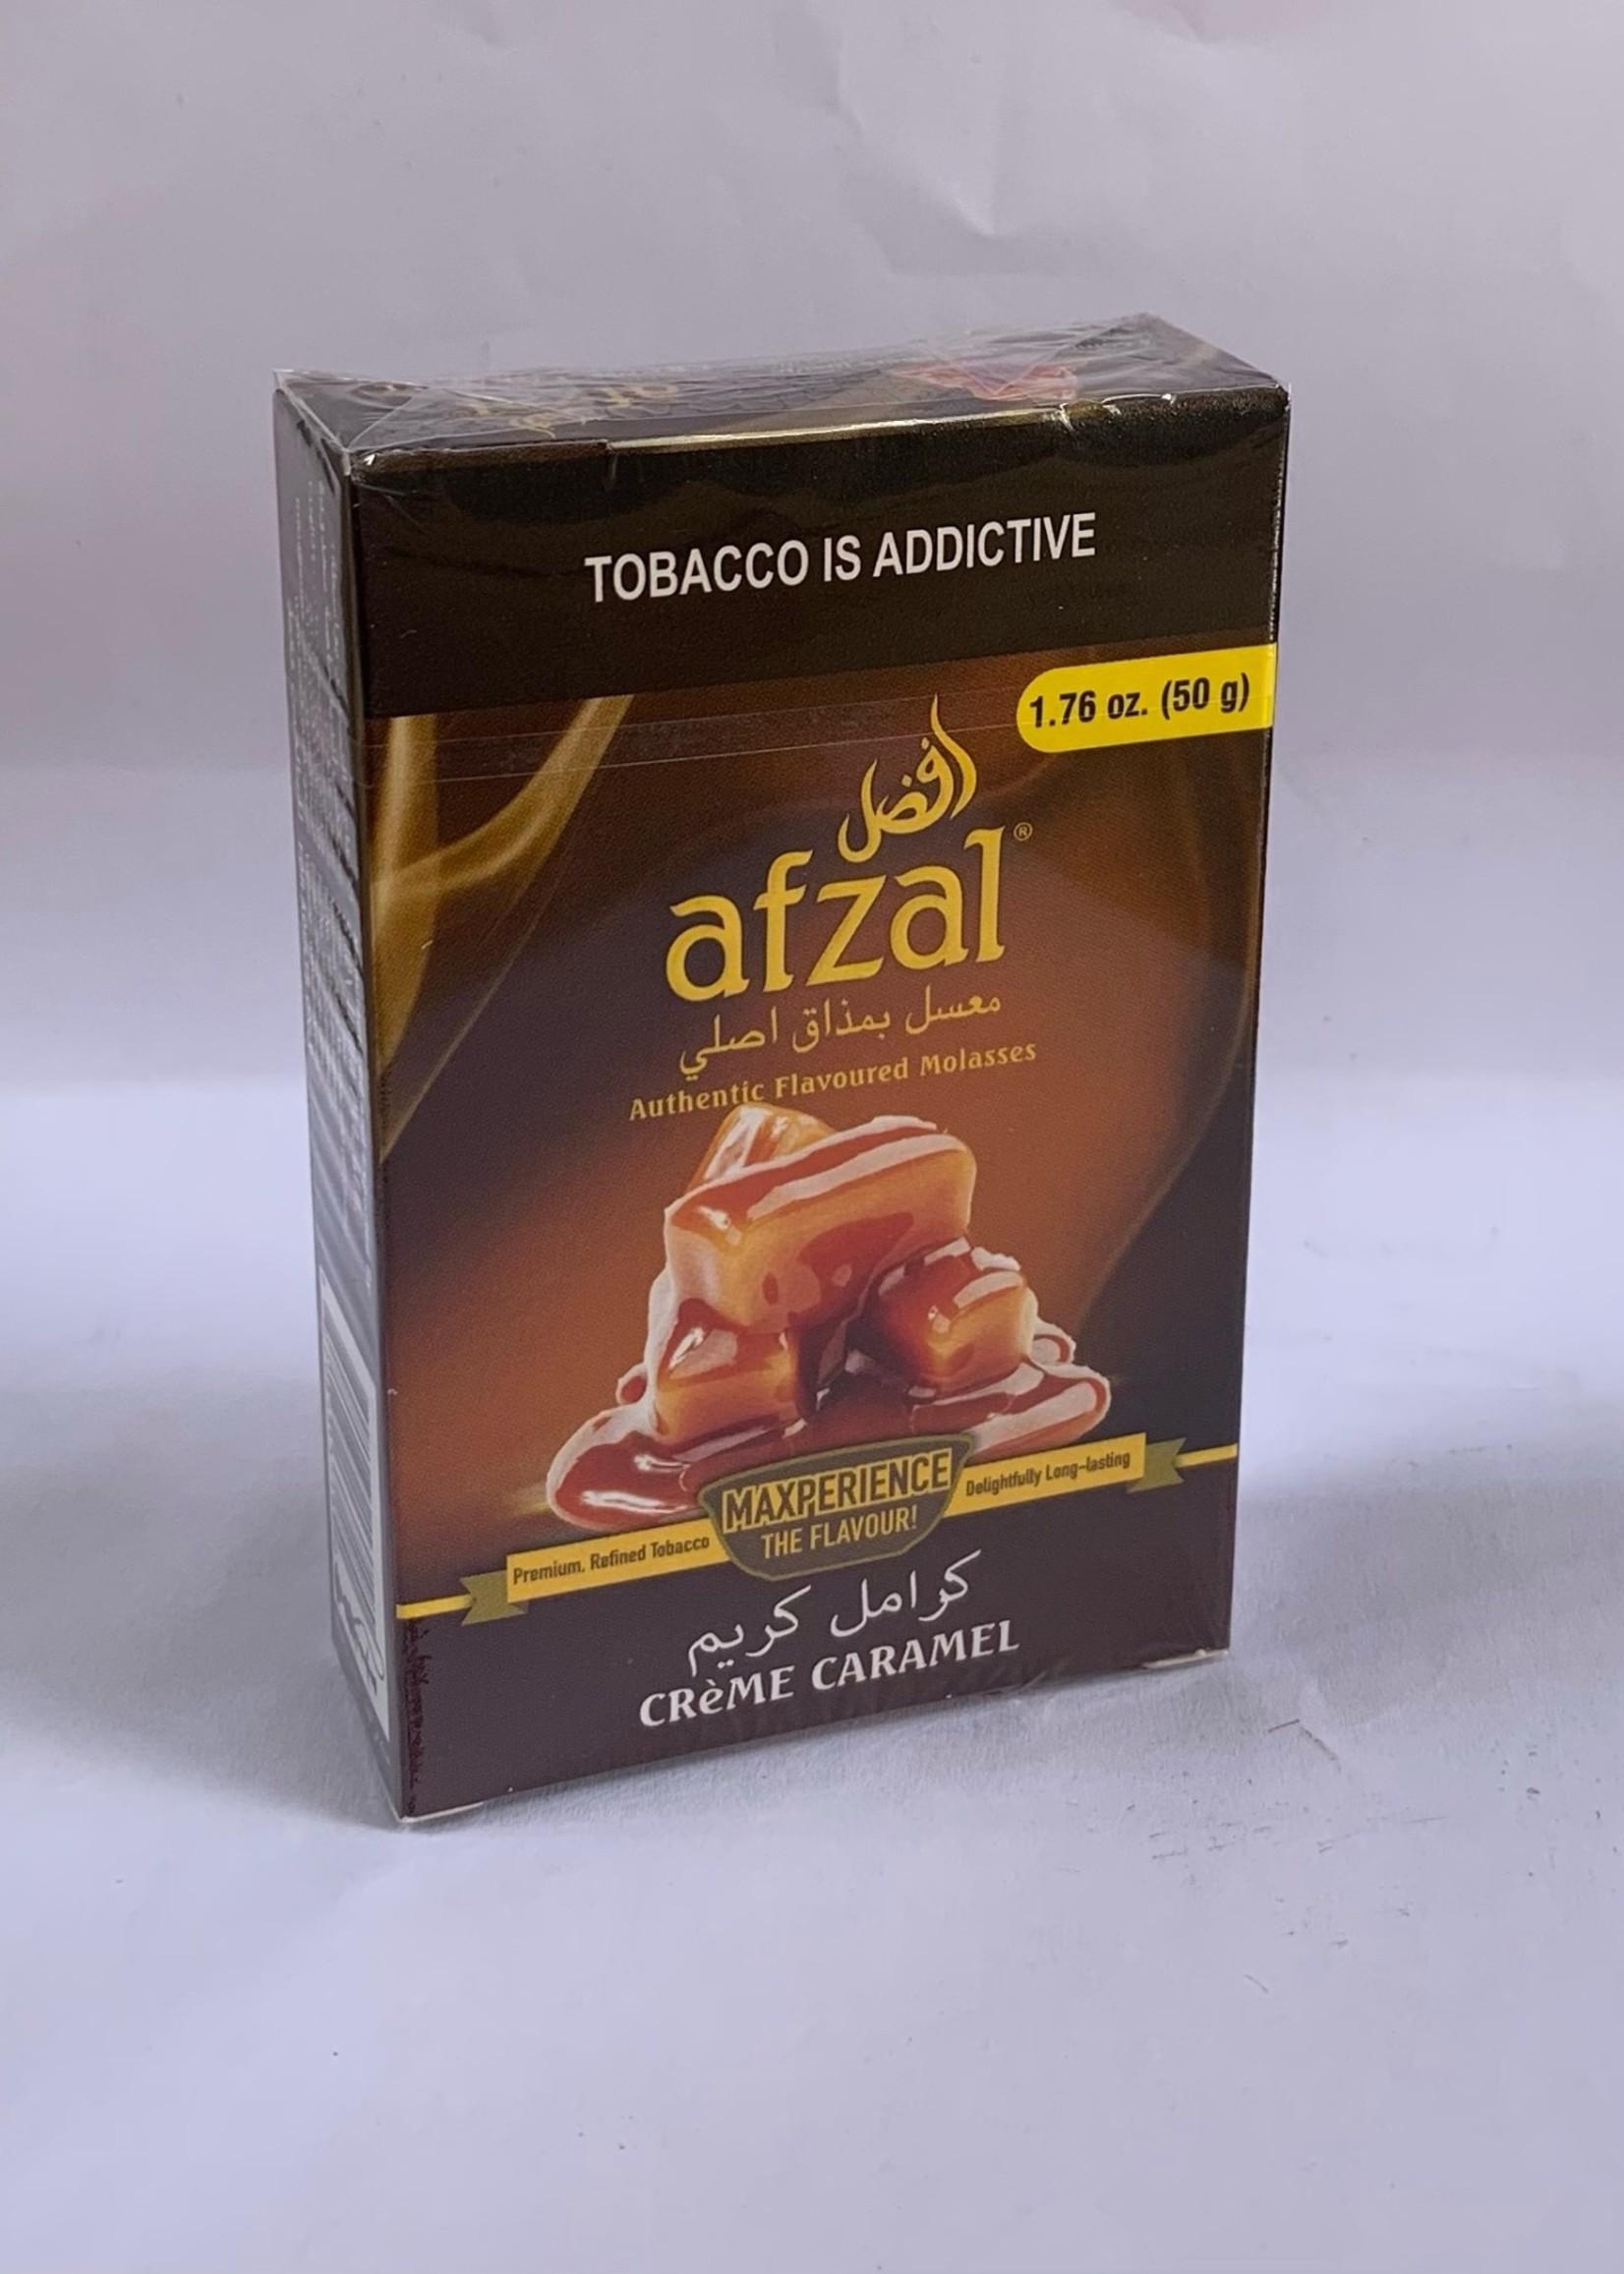 Afzal hubbly flavour - crème caramel